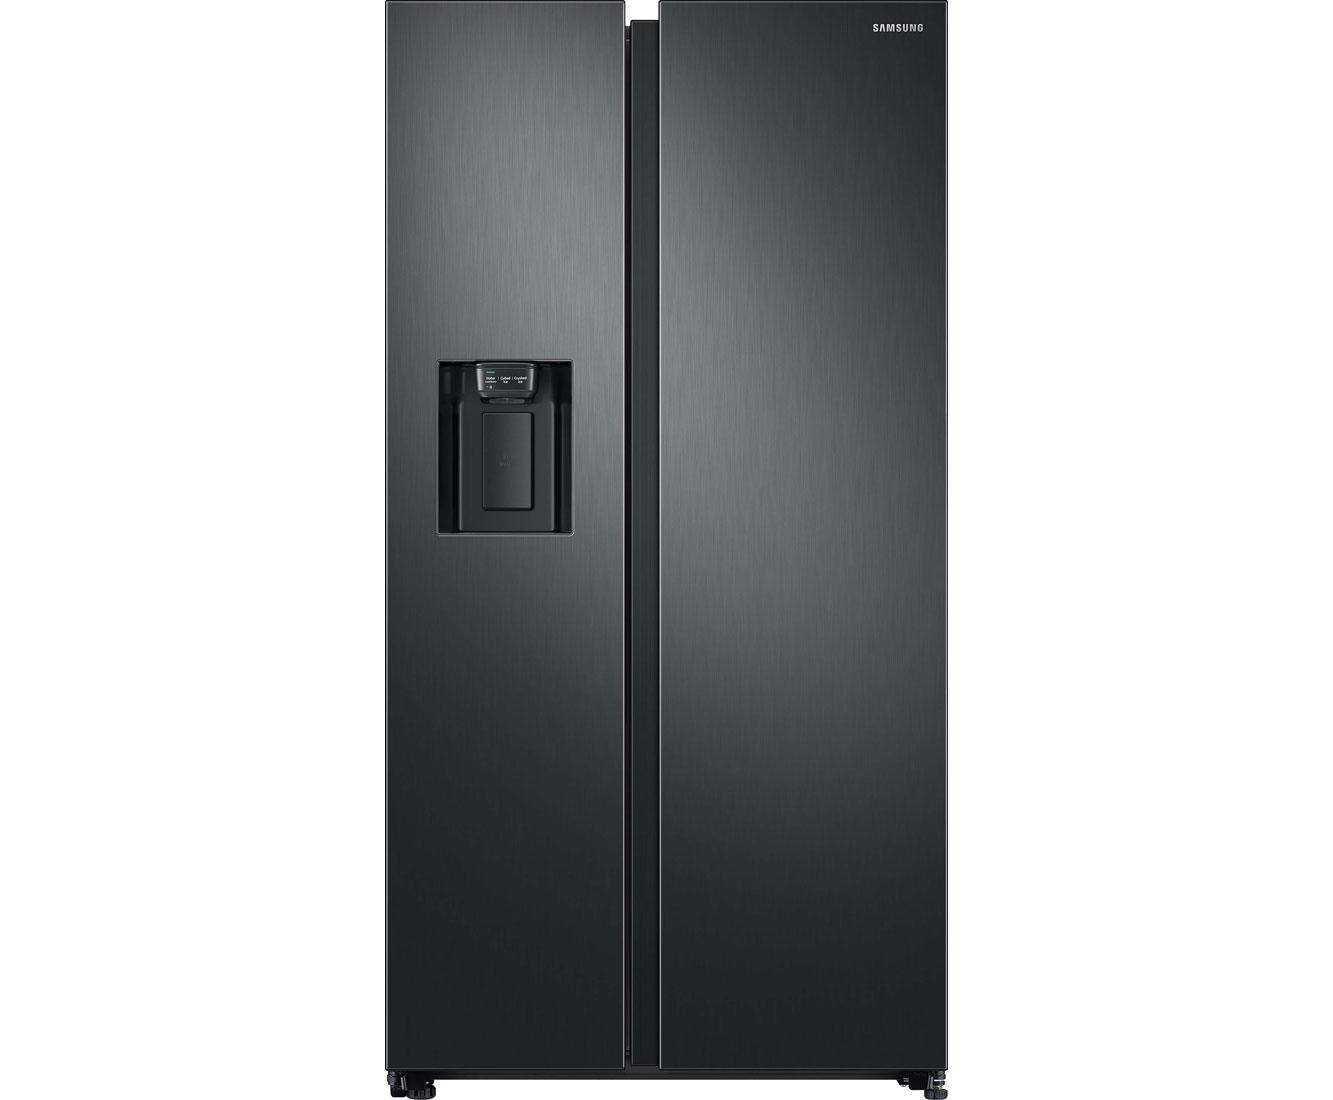 Siemens Kühlschrank Schwarz : Siemens side by side kühlschrank schwarz: design kühlschränke von